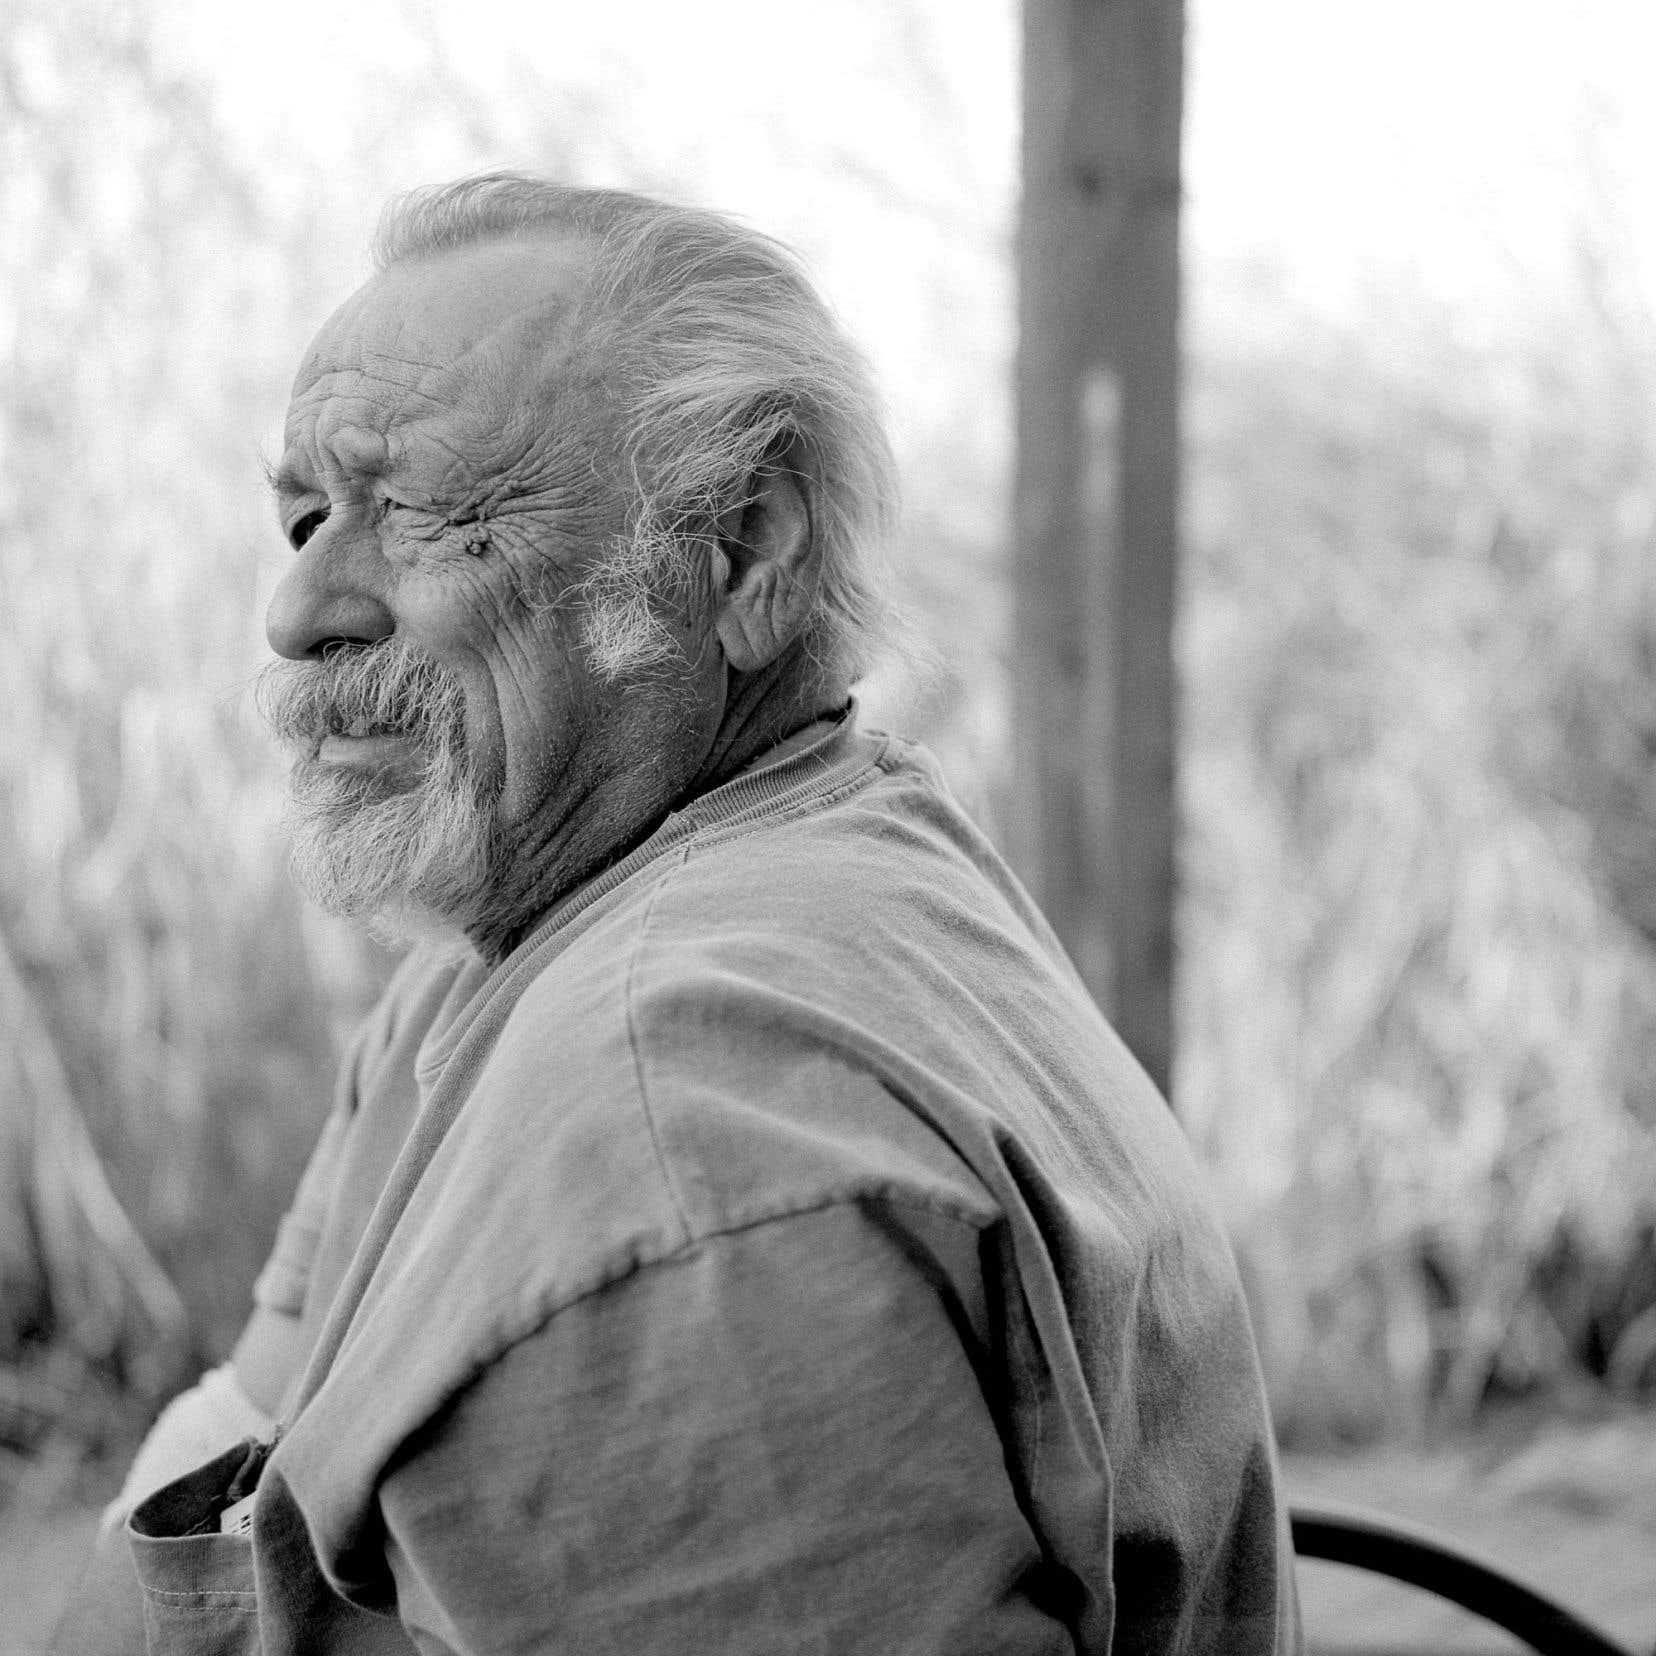 Jim Harrison est décédé samedi dernier d'un infarctus au milieu de la sécheresse fauve et azurée de cet Arizona dont il décrivit si bien les paysages et la lumière dans Beige dolorosa.